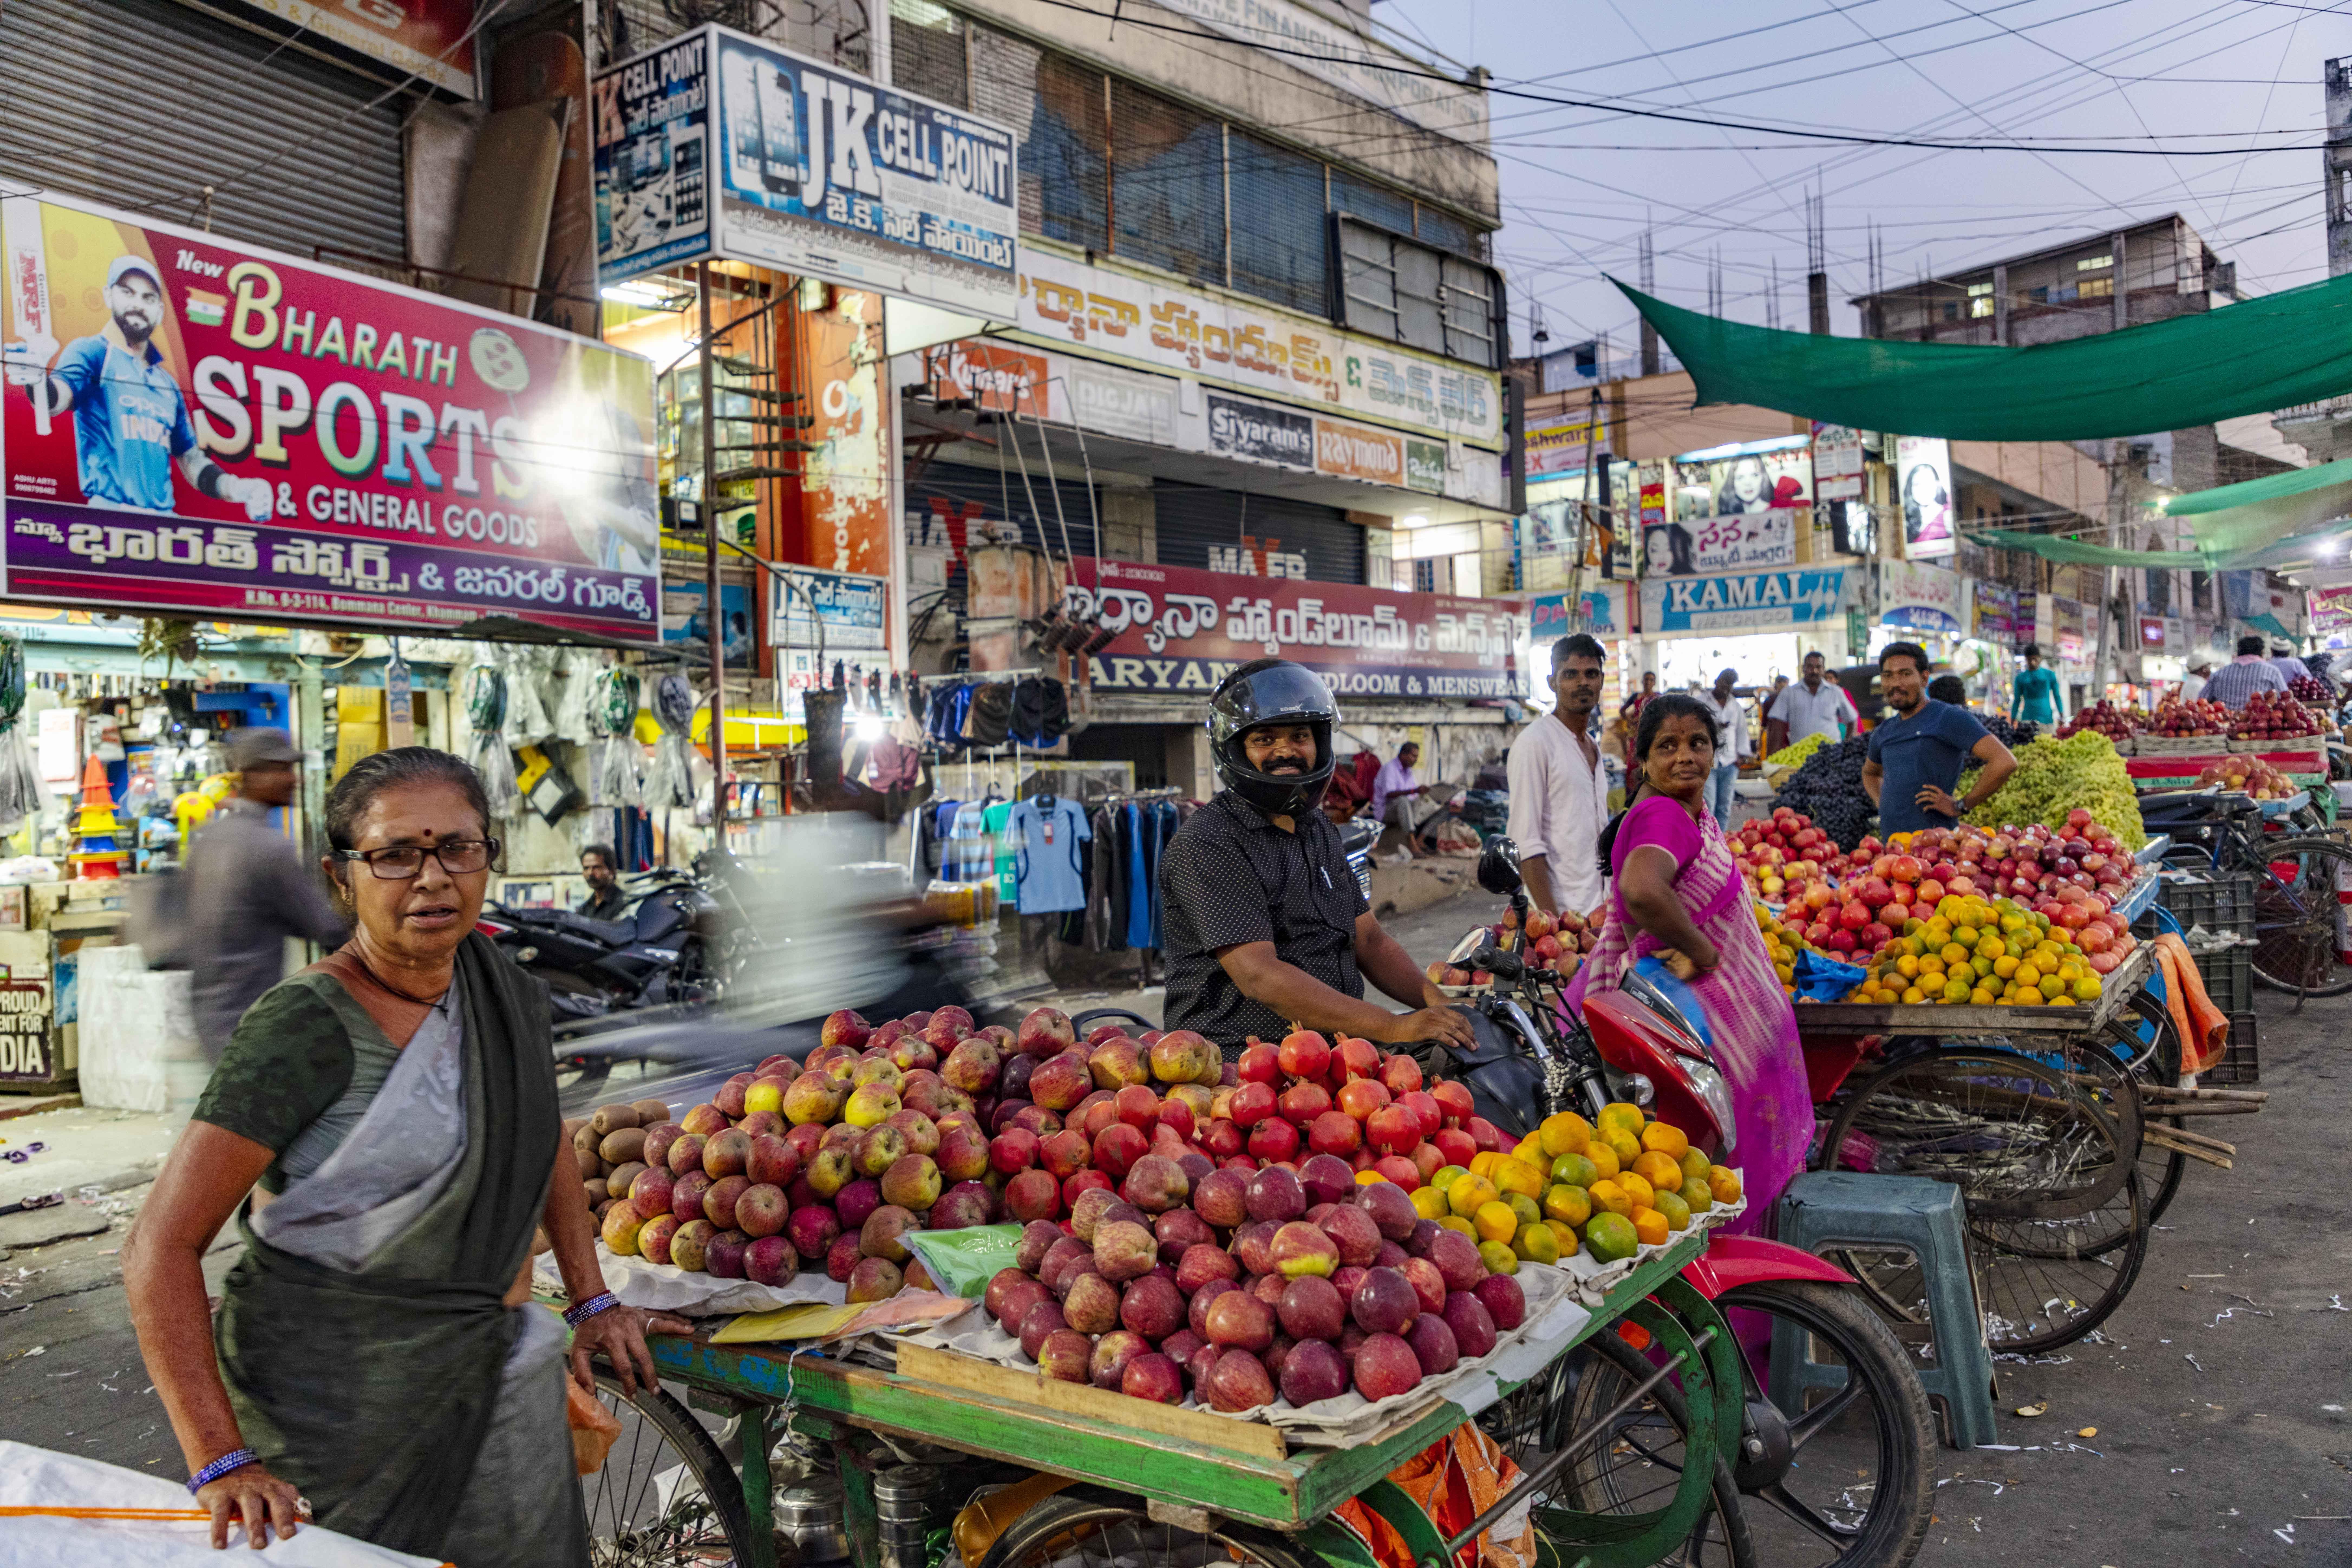 Photos: Street vending zones in Hyderabad, S India